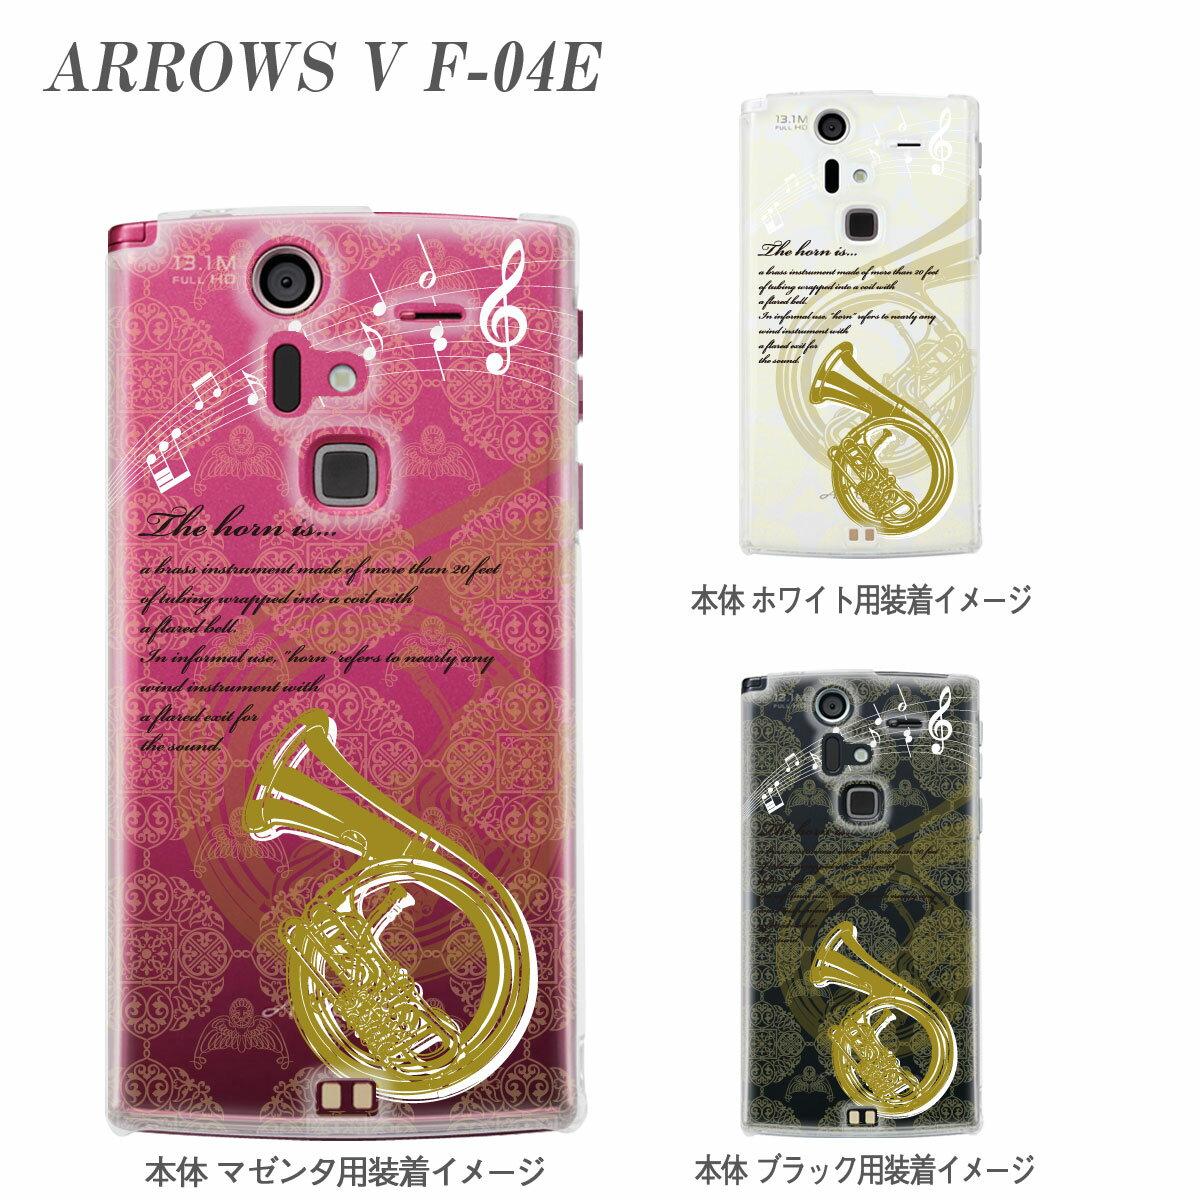 スマートフォン・携帯電話用アクセサリー, ケース・カバー ARROWS V F-04Ef04edocomo 09-f04e-mu0011